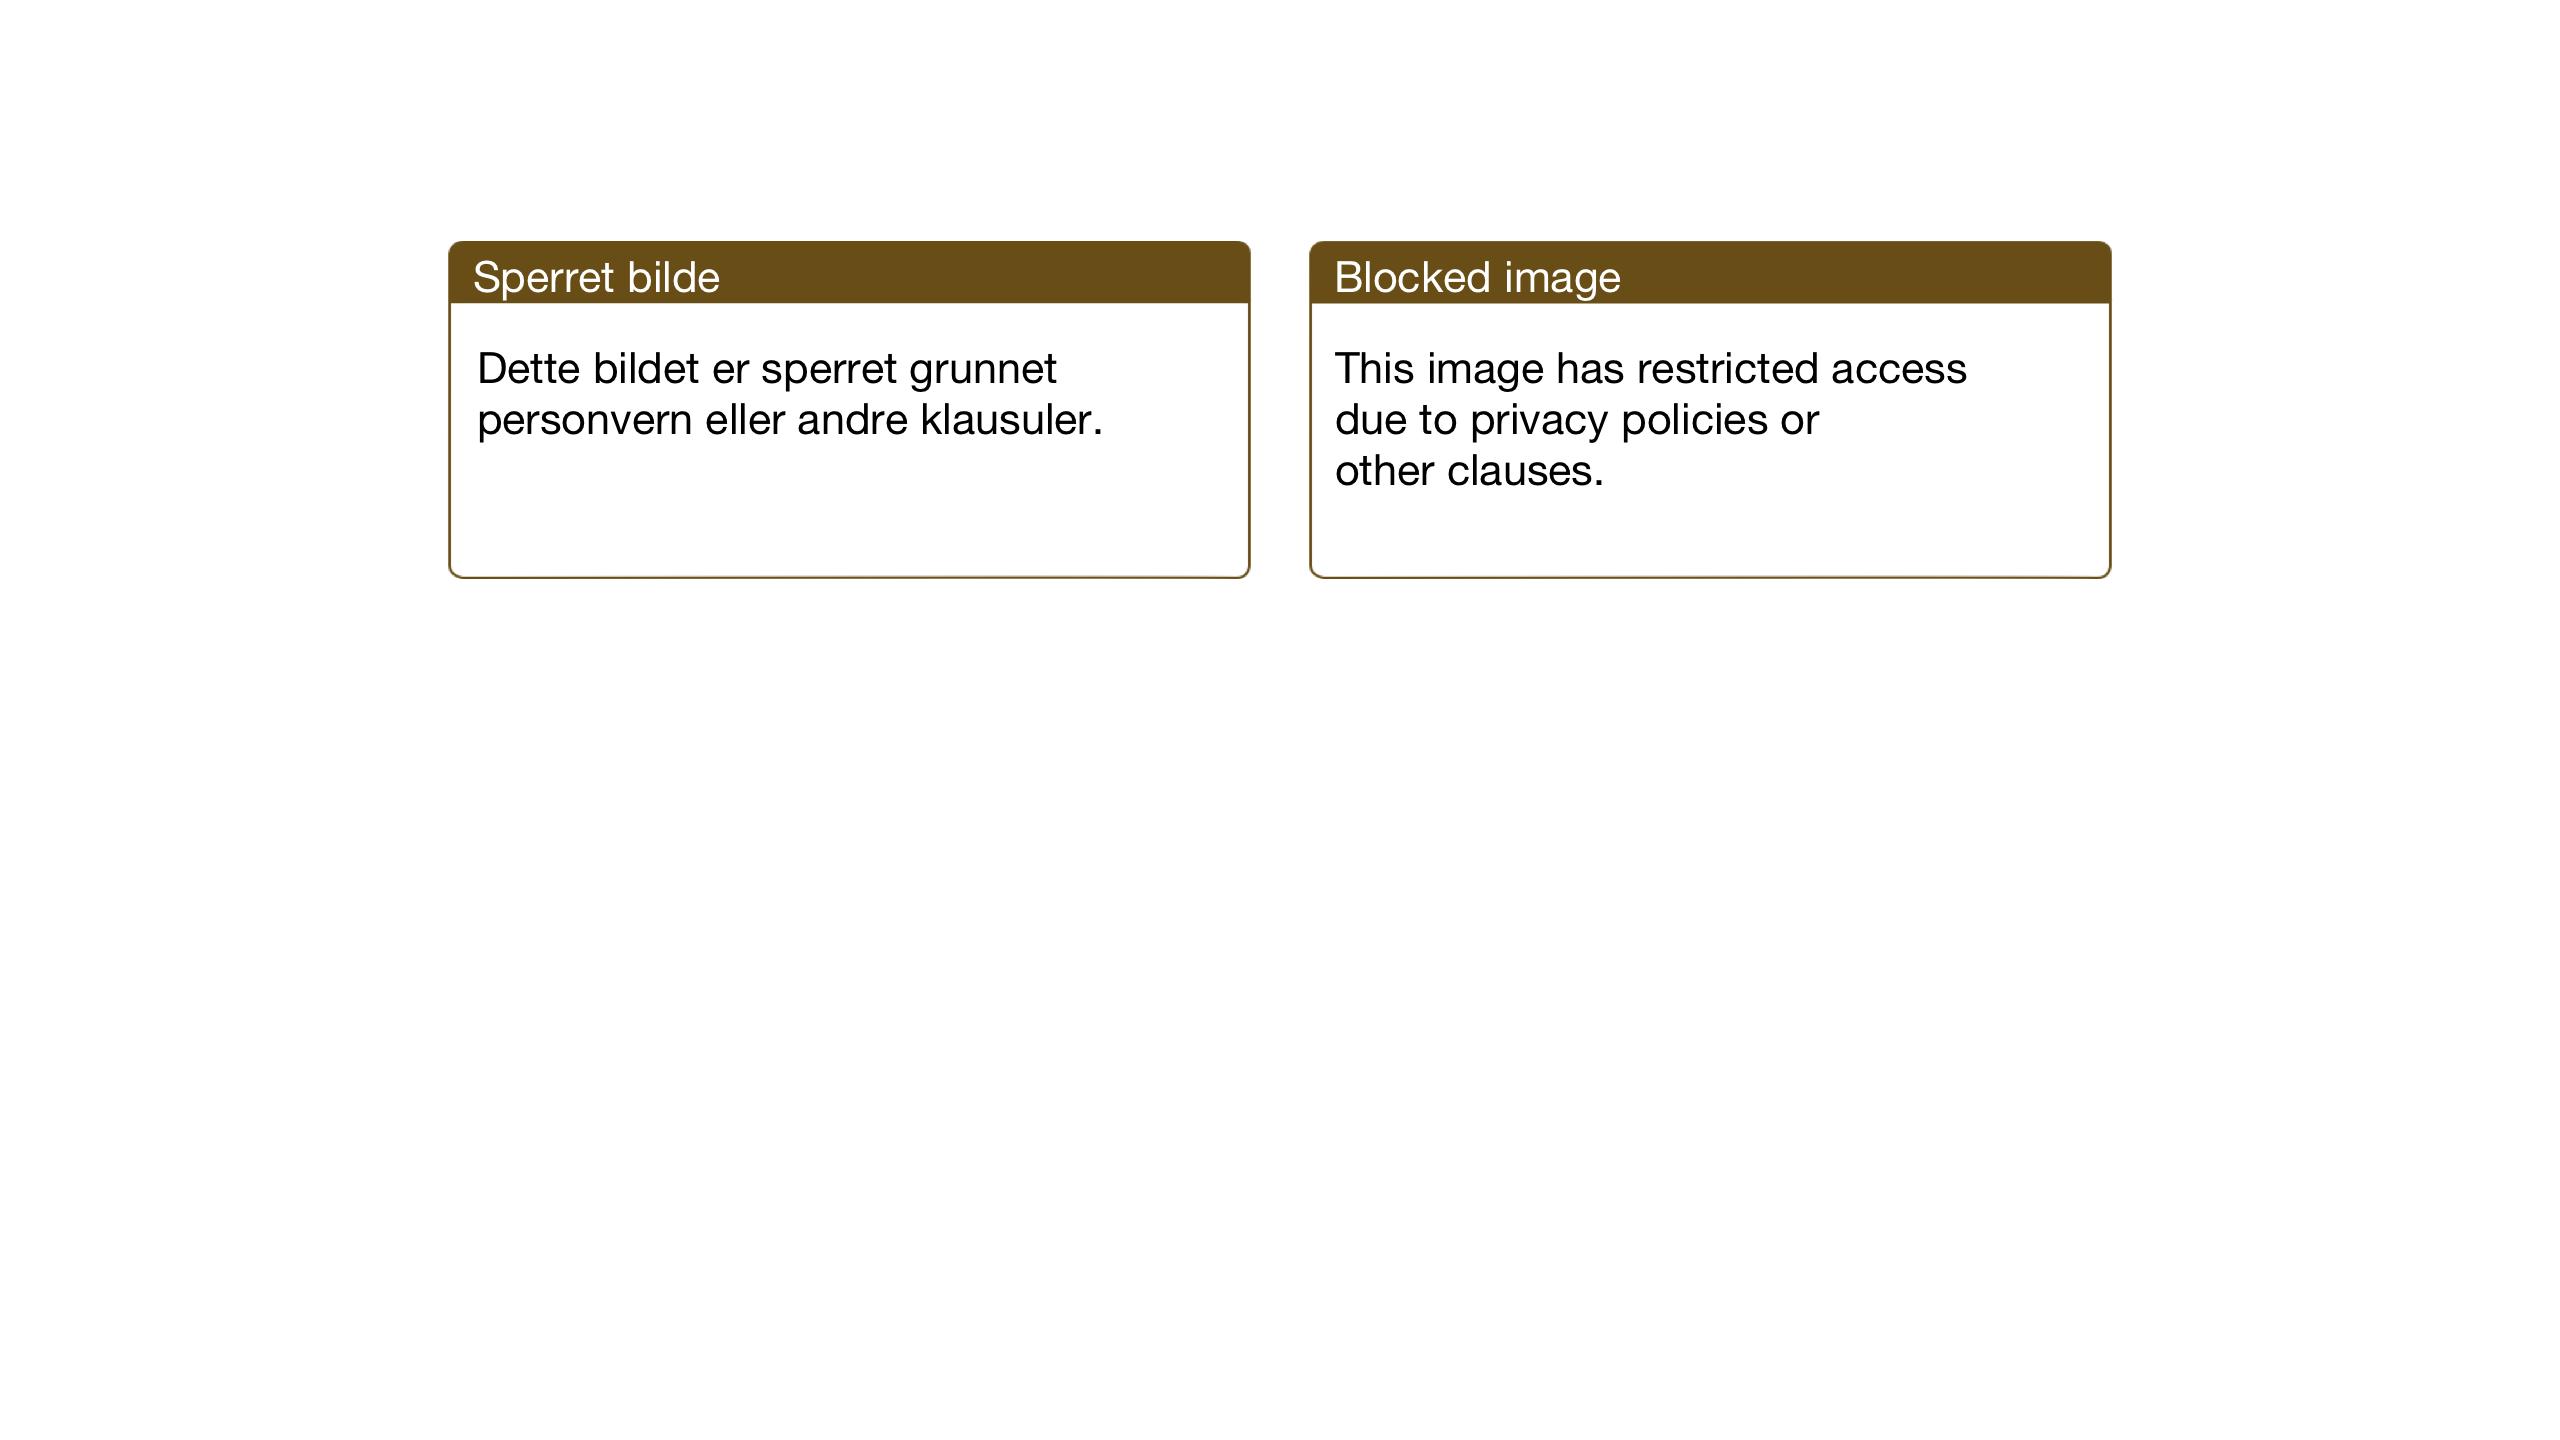 SAT, Ministerialprotokoller, klokkerbøker og fødselsregistre - Sør-Trøndelag, 633/L0521: Klokkerbok nr. 633C03, 1921-1941, s. 76